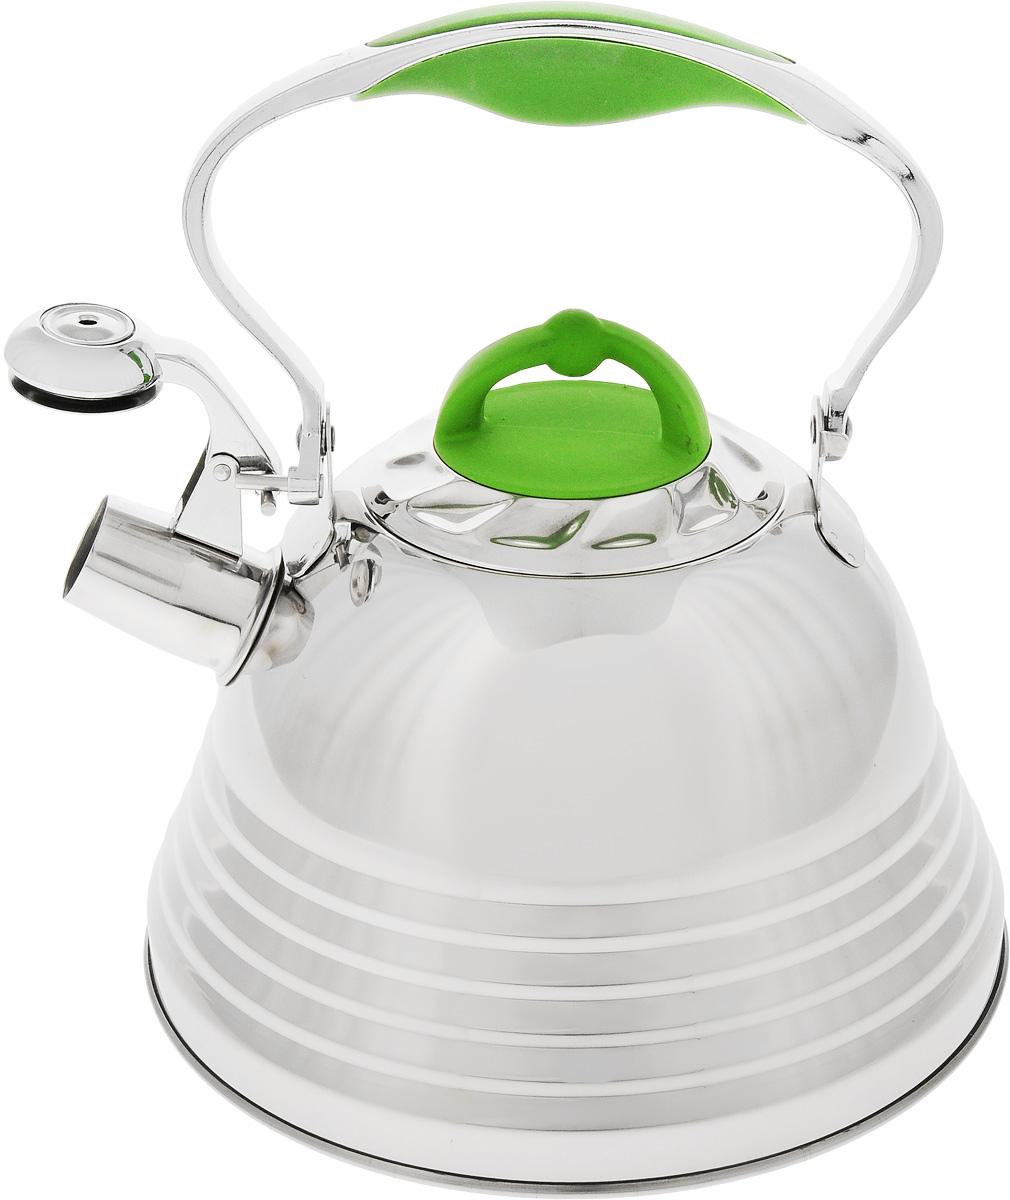 Чайник Mayer & Boch, со свистком, цвет: зеленый, стальной, 3 л. 2278522785Чайник Mayer & Boch выполнен из высококачественной нержавеющей стали, что обеспечивает долговечность использования. Капсулированное дно с прослойкой из алюминия обеспечивает наилучшее распределение тепла. Носик чайника оснащен насадкой-свистком и устройством для его открывания, что позволит вам контролировать процесс подогрева или кипячения воды. Ручка оснащена силиконовой вставкой для предотвращения ожогов на руках. Можно мыть в посудомоечной машине. Подходит для всех типов плит, включая индукционные. Диаметр (по верхнему краю): 10 см. Высота чайника (без учета крышки и ручки): 13 см.